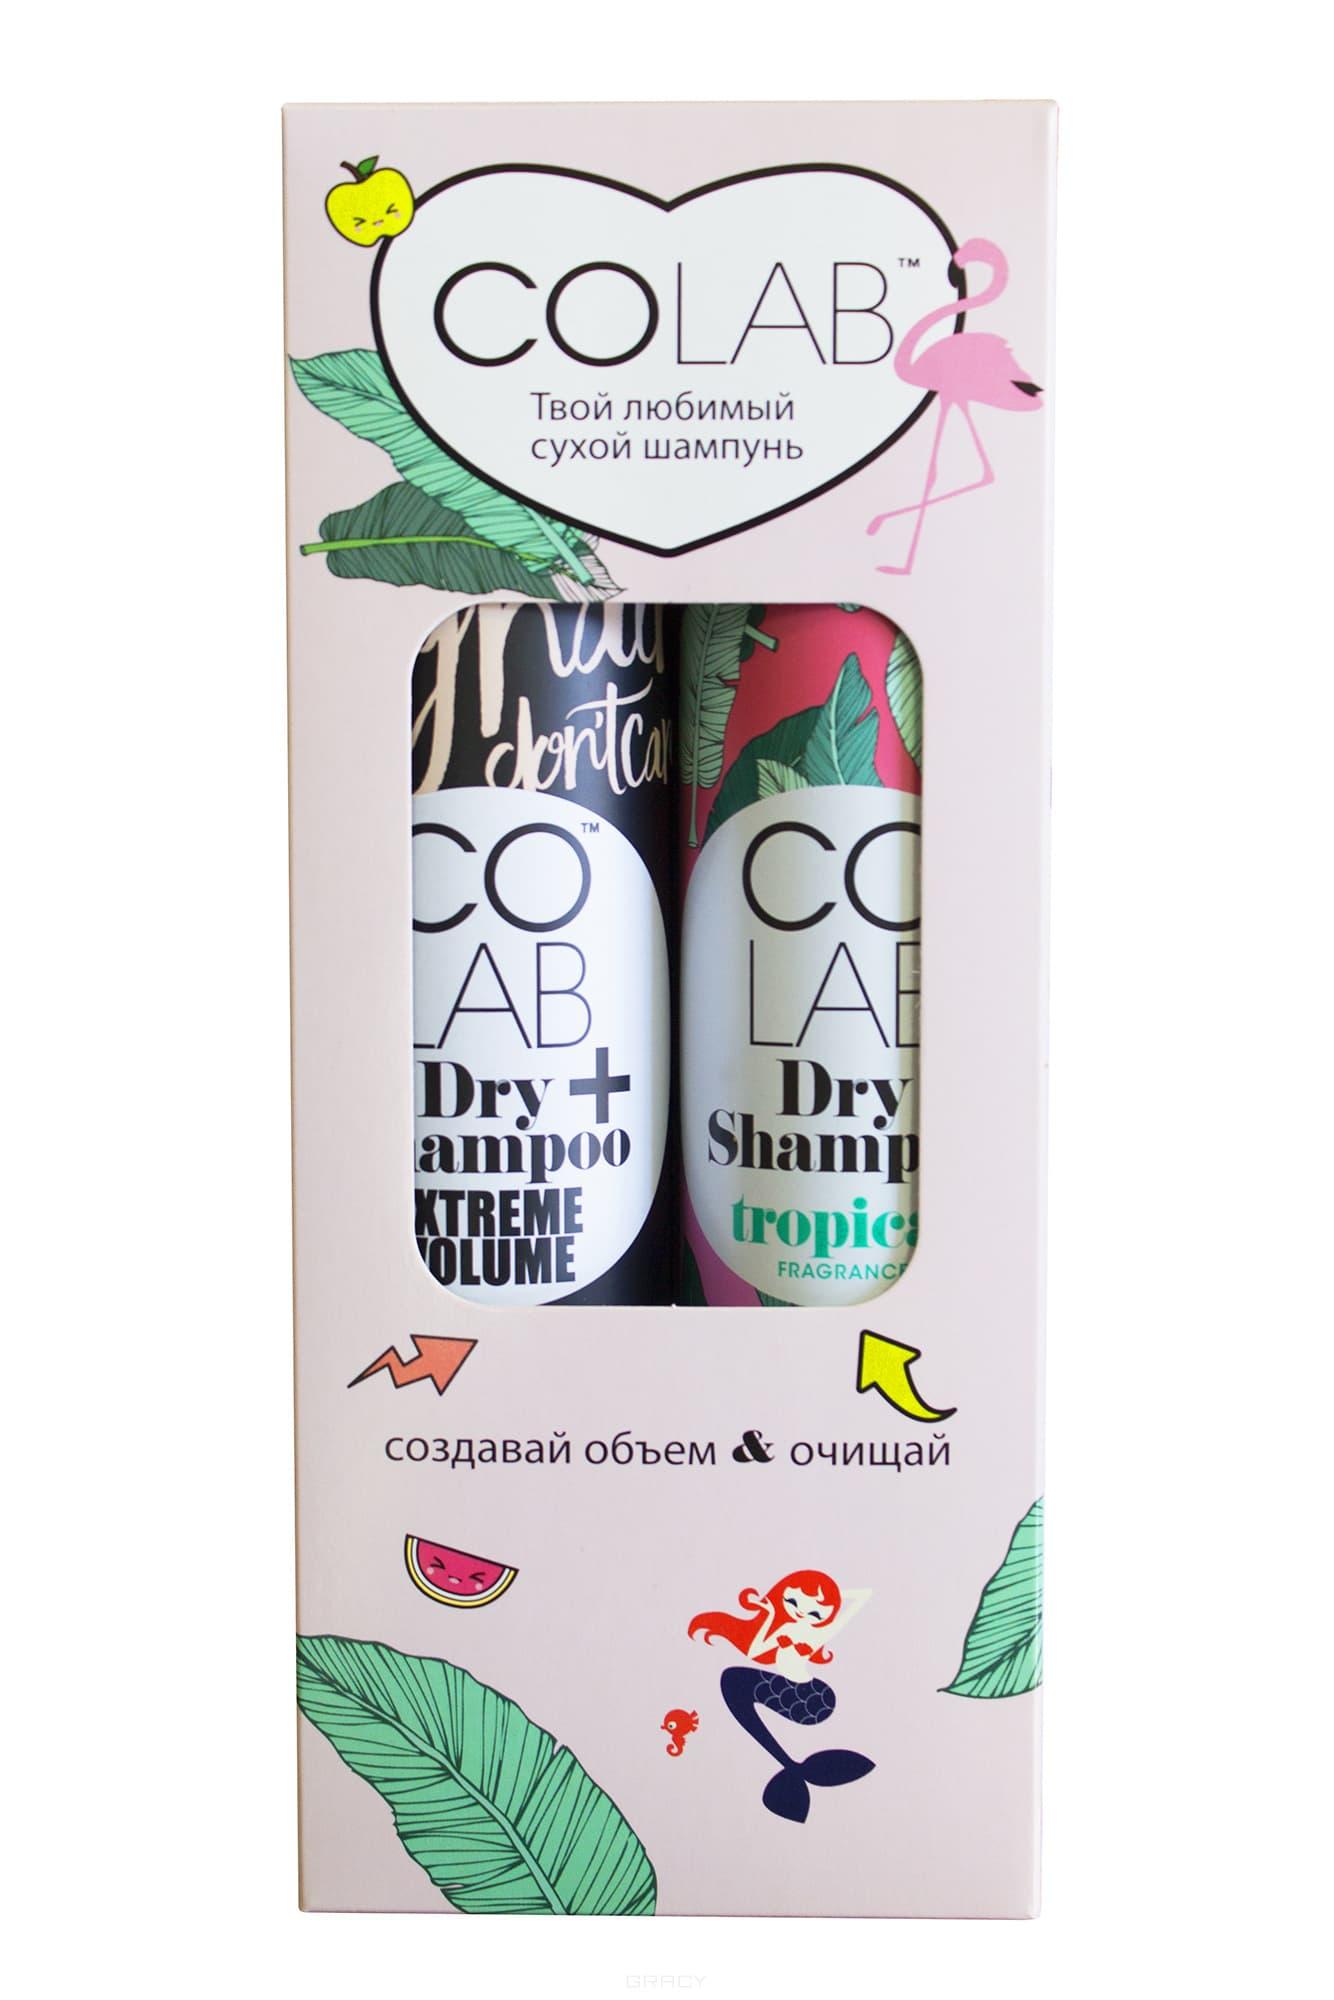 CoLab Набор шампуней сухих Extreme Volume 200 мл + Tropical